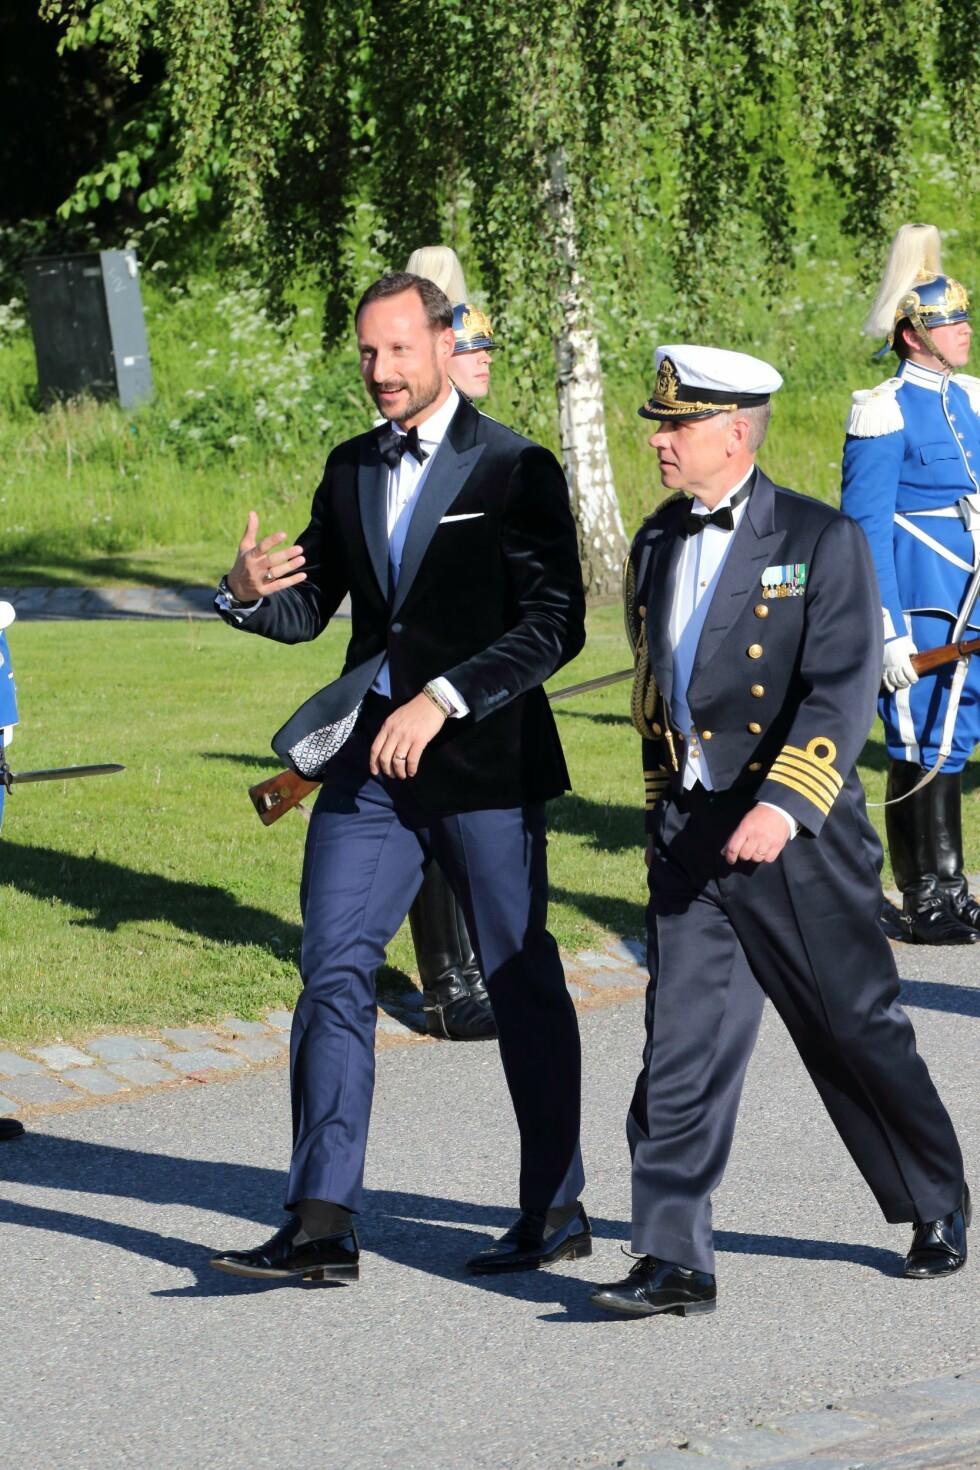 OVERRASKET: Her ankommer kronprins Haakon festen en god stund etter de andre gjestene.  Foto: Aftonbladet